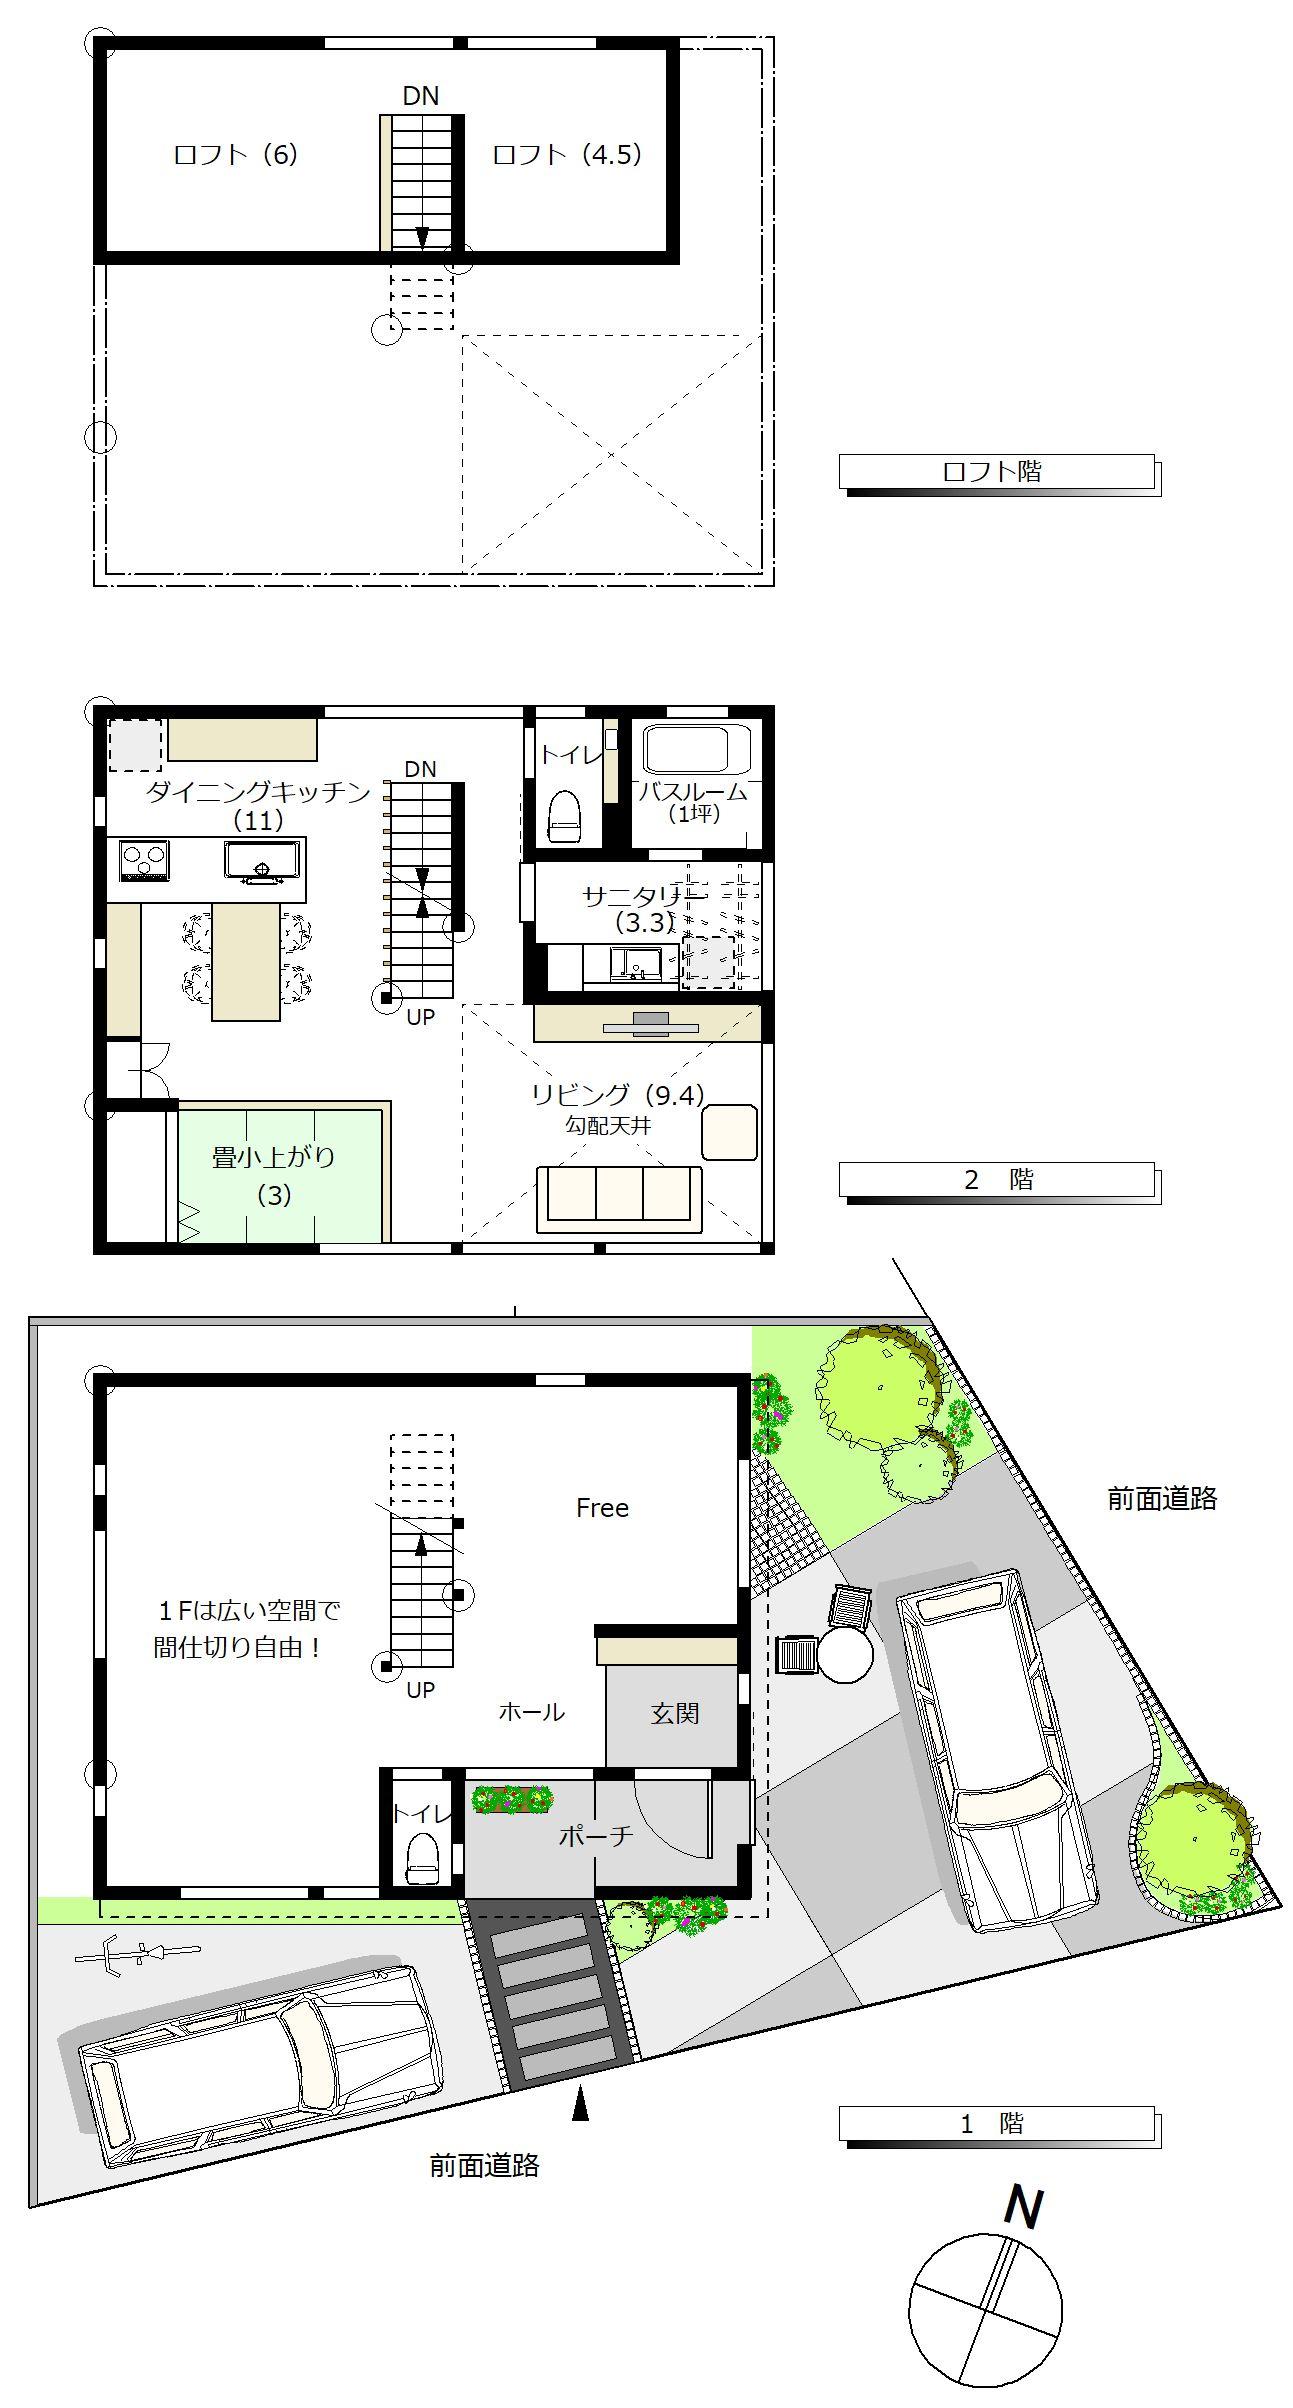 関南モデル優しい家